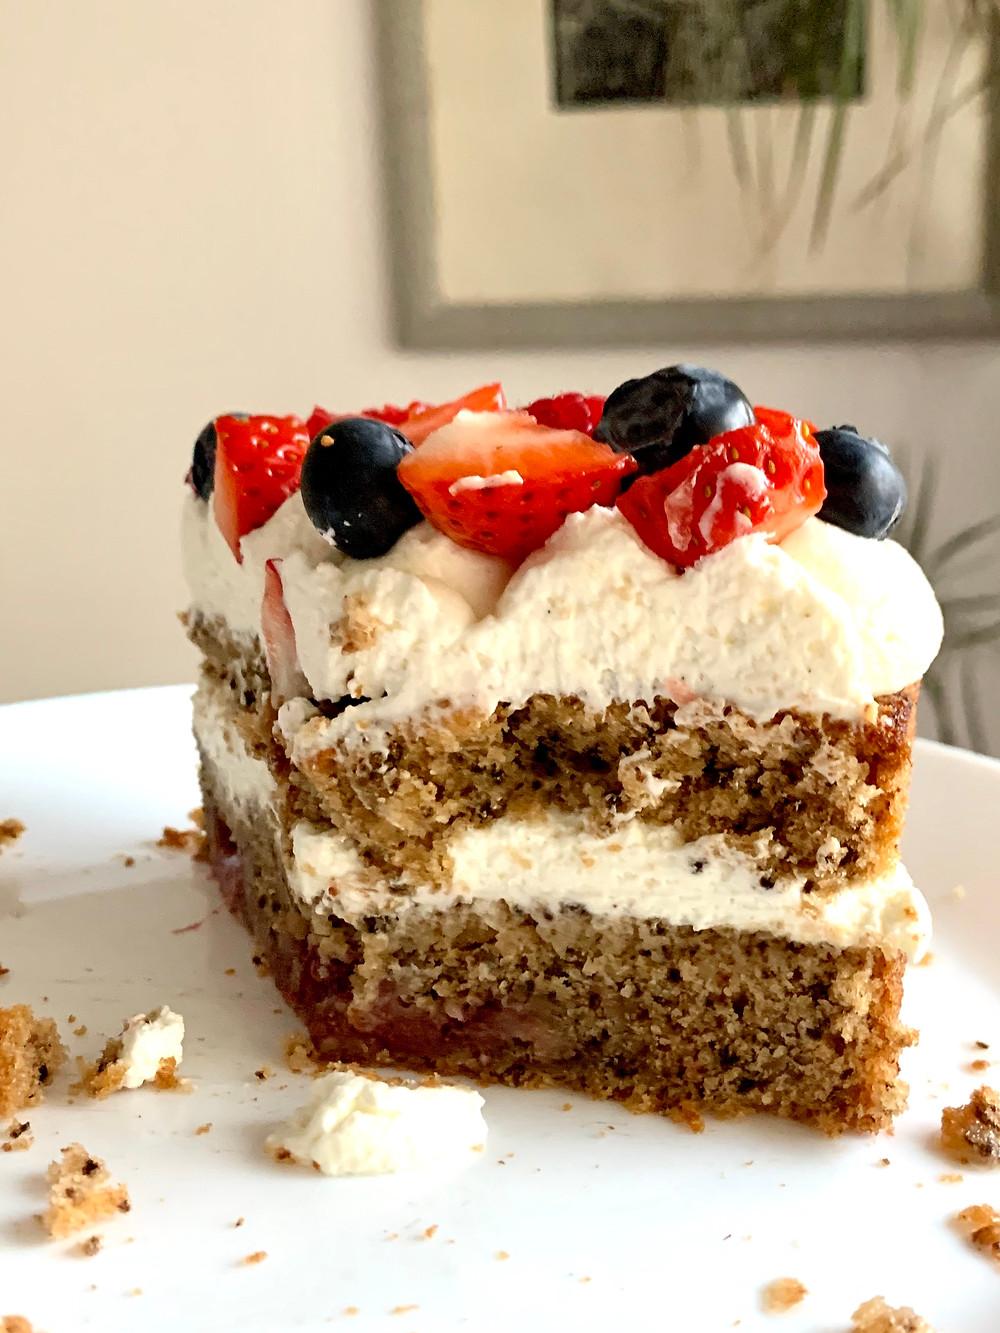 torta, materinski dan, rojstni dan, torta za rojstni dan, najboljša torta, biskvit za torto, sadna torta, helenine čarovnije, praznični meni